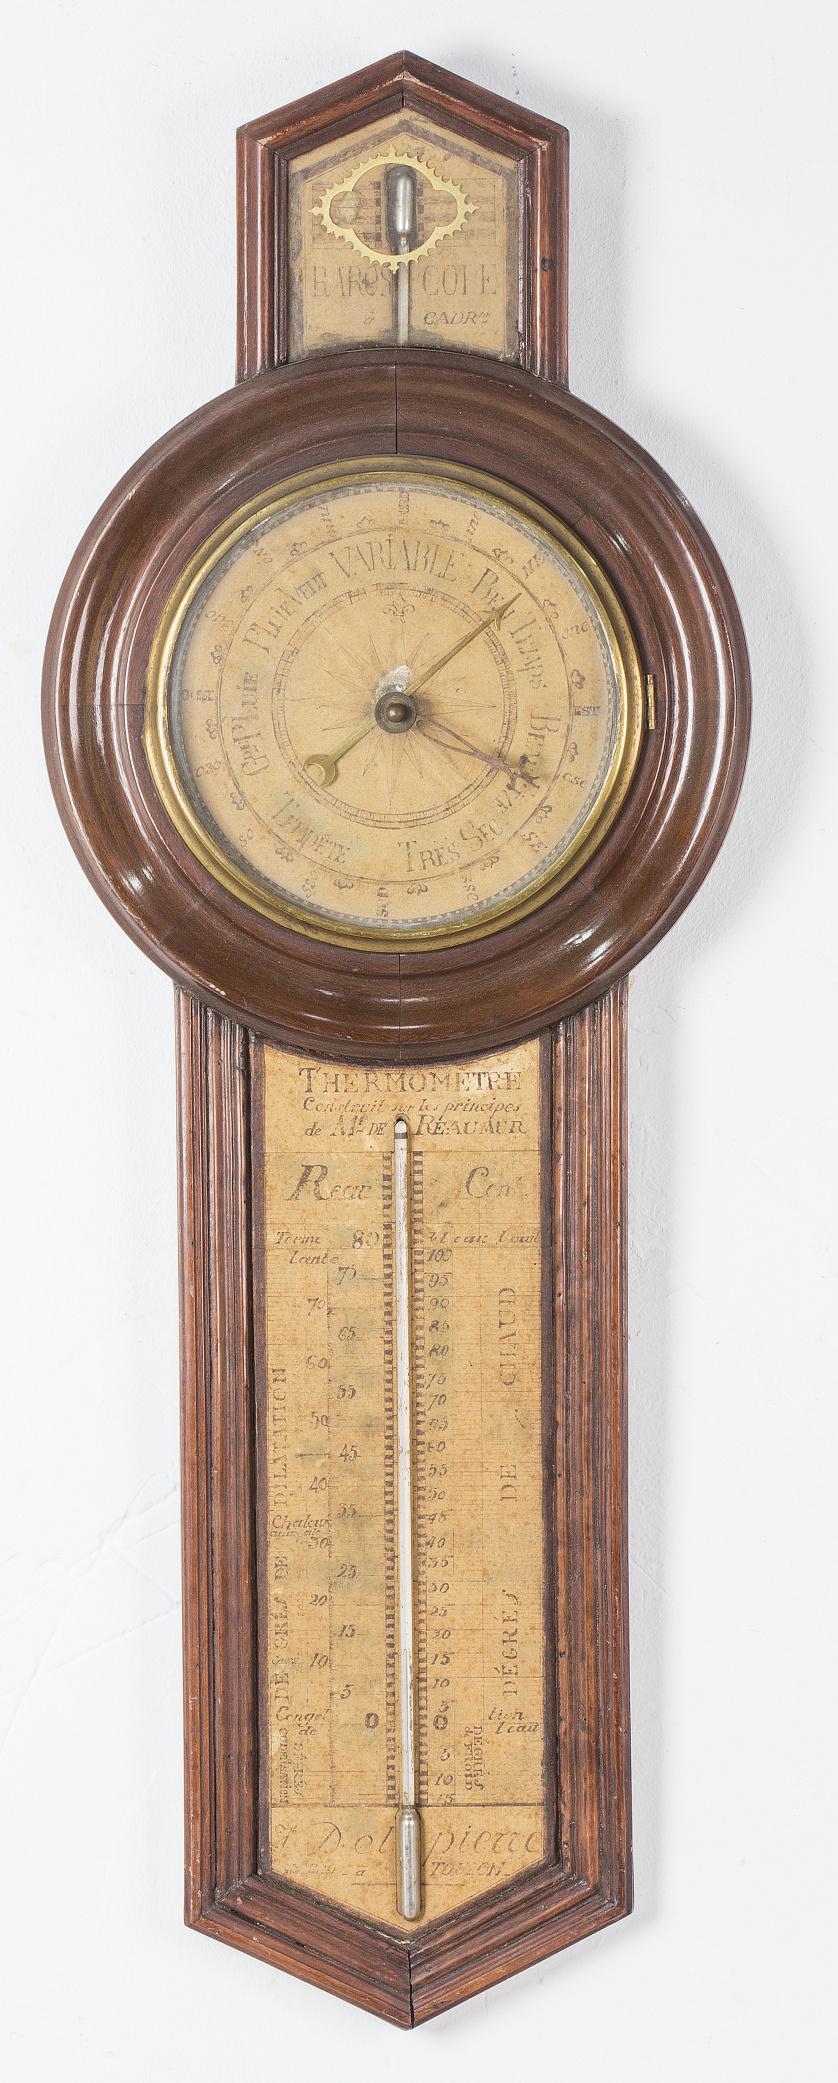 Barómetro de madera de caoba y papel pintado, marcado Saint